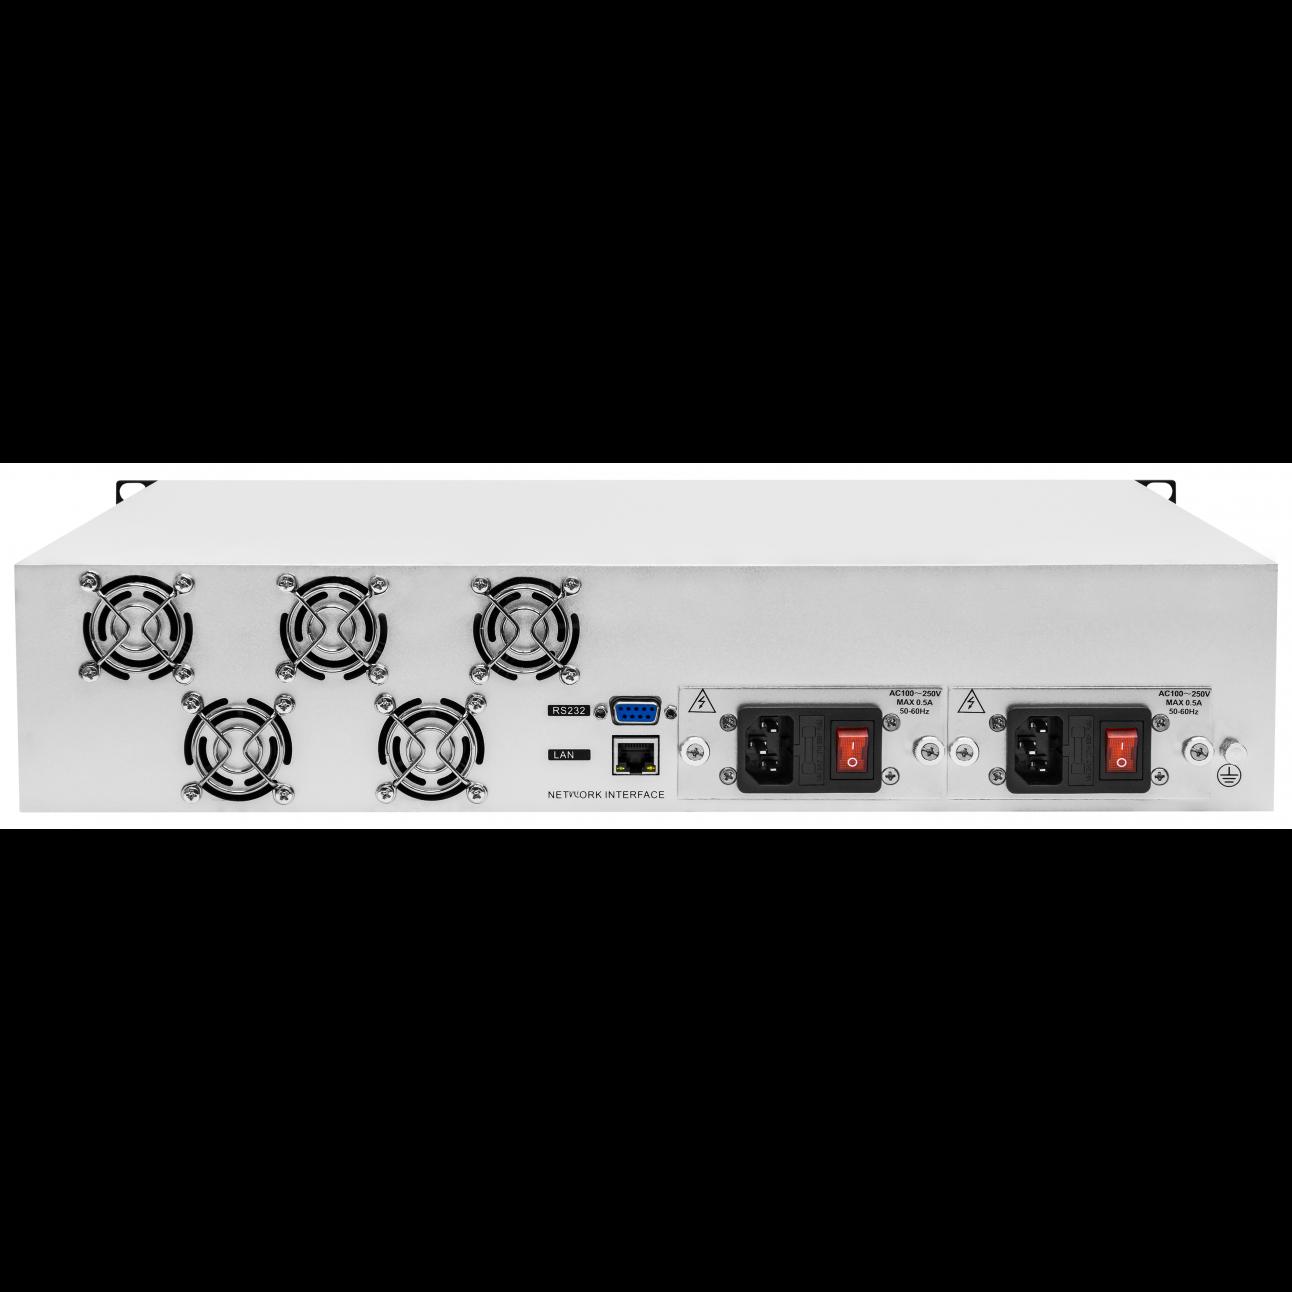 Оптический усилитель VERMAX для сетей КТВ, 16*18dBm, WDM фильтр PON